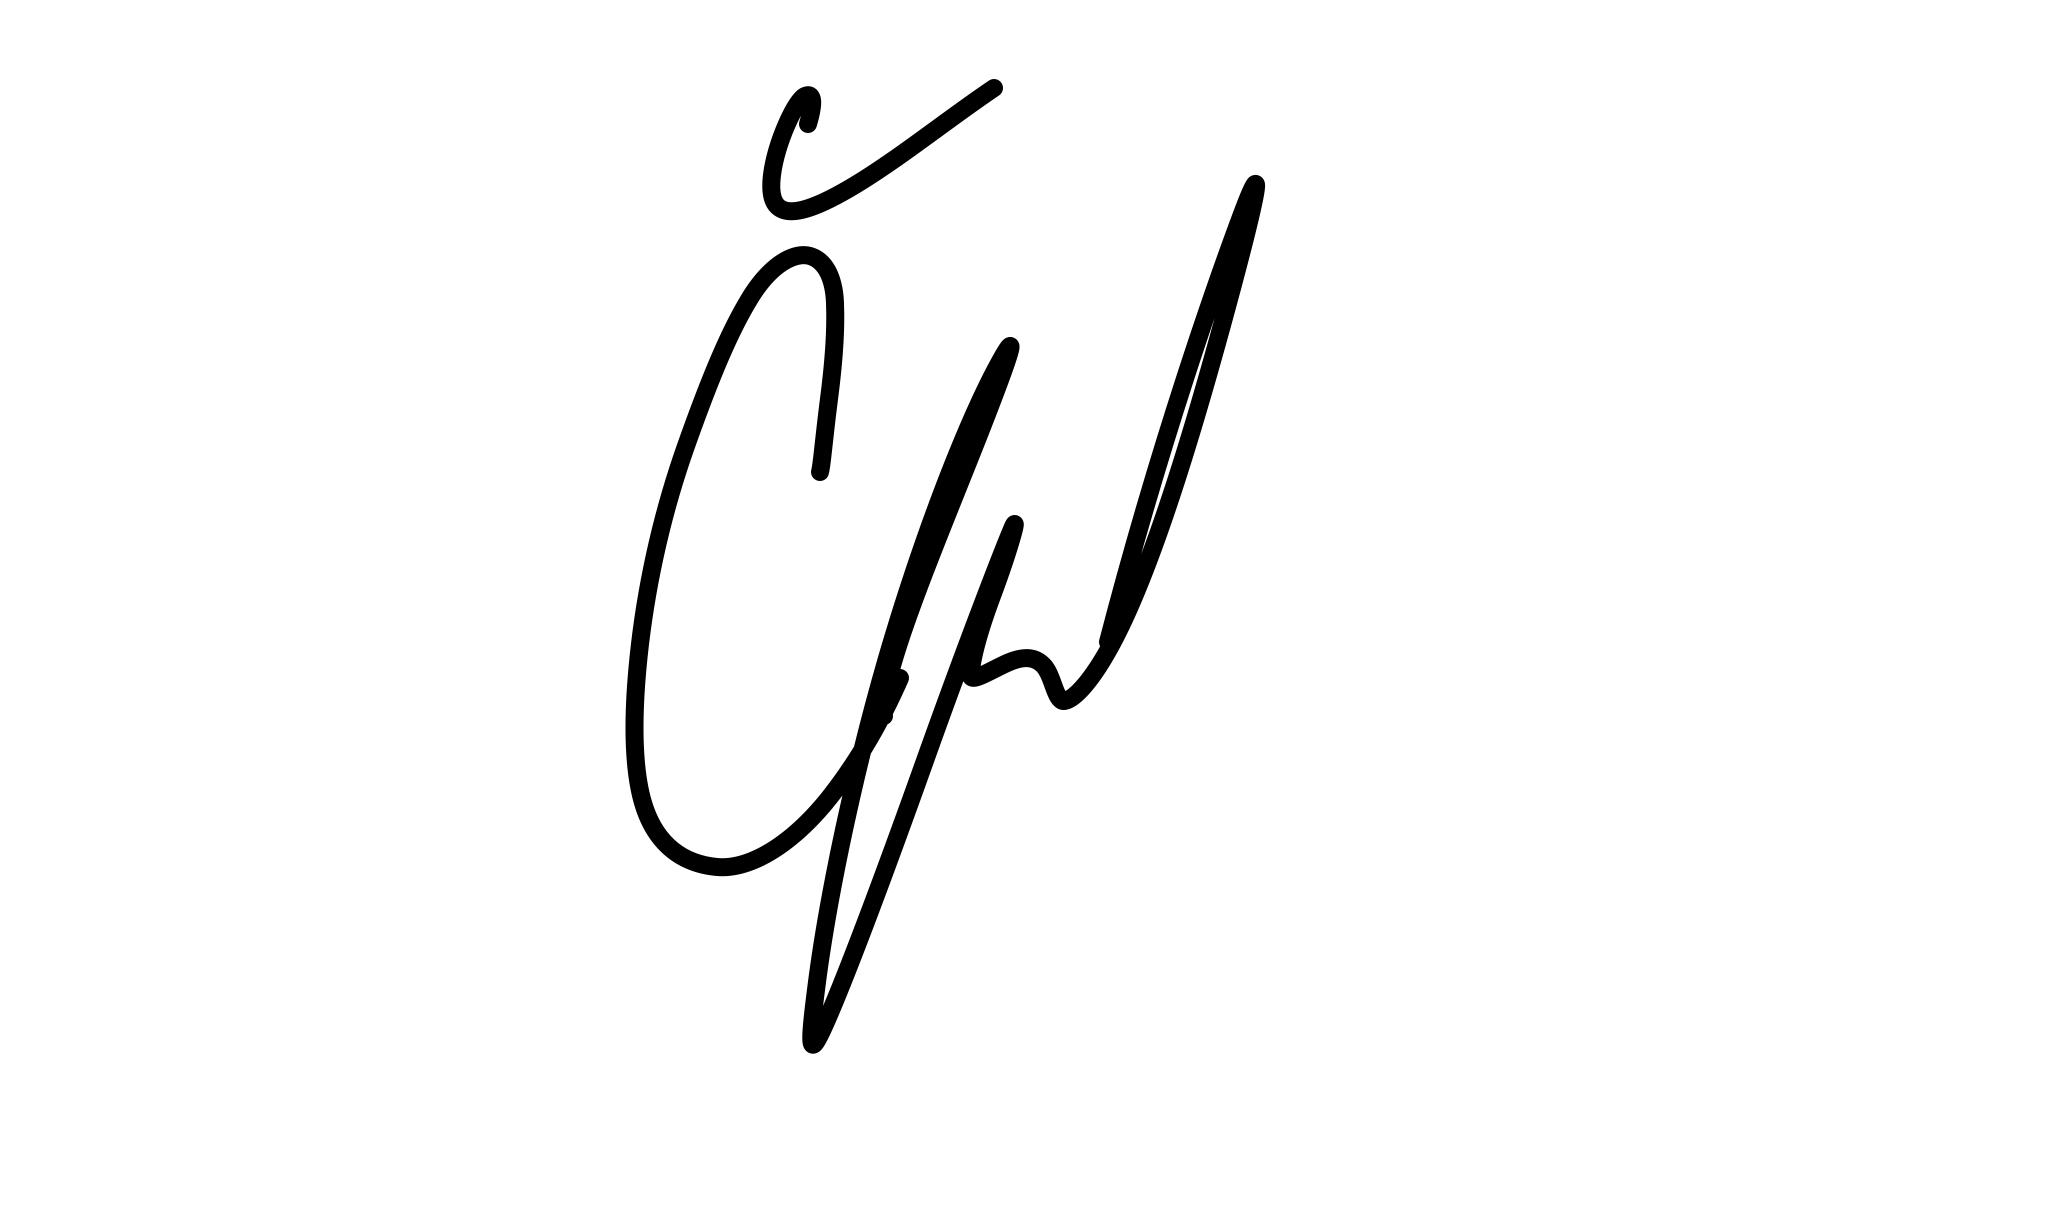 signature-original-evacernikova-copyright